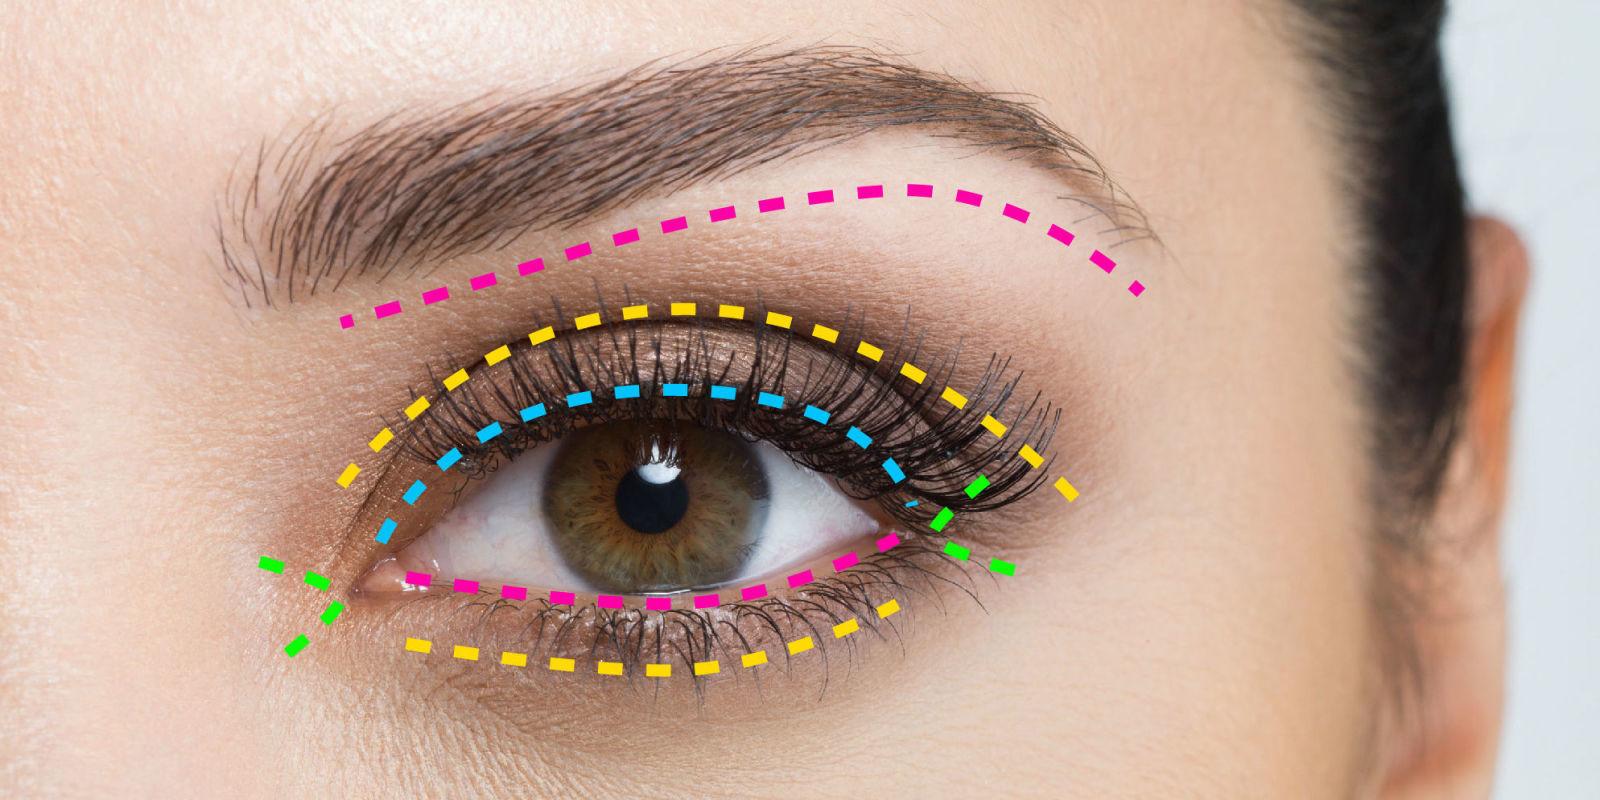 Мастер класс по нанесению макияжа на глаза